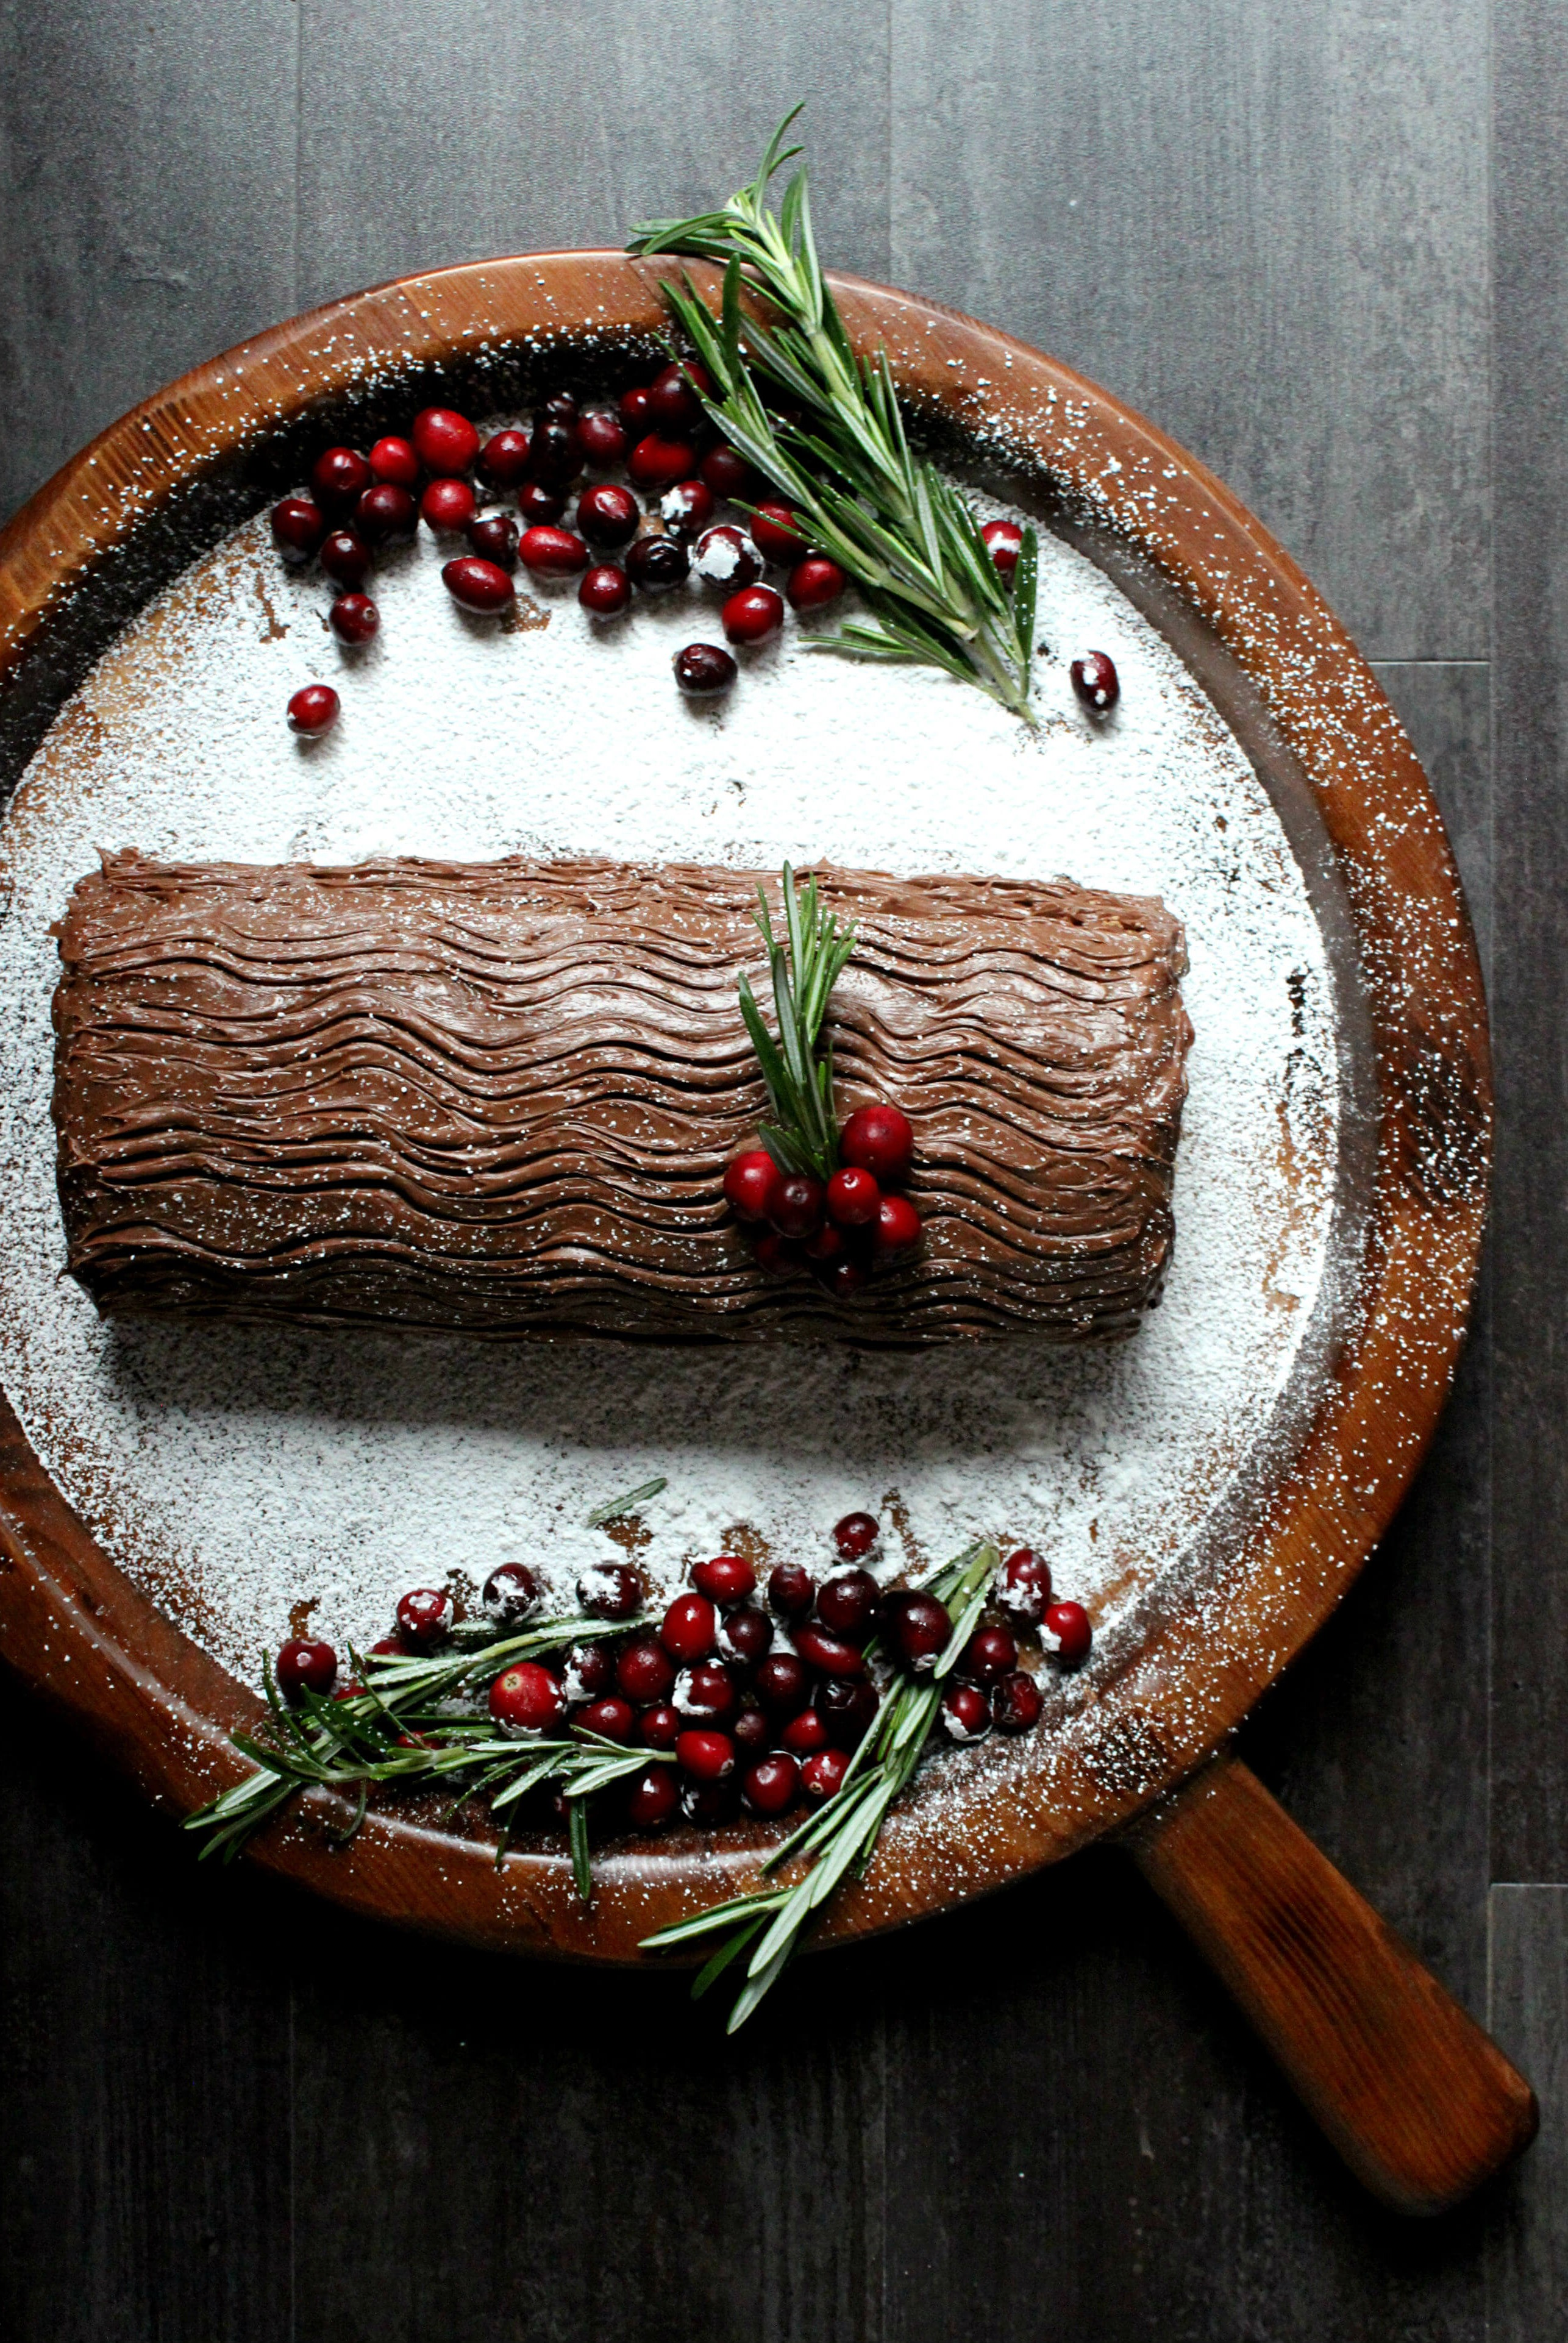 Le gâteau représente la bûche de Noël que les familles brûlent à partir de la veille de Noël.